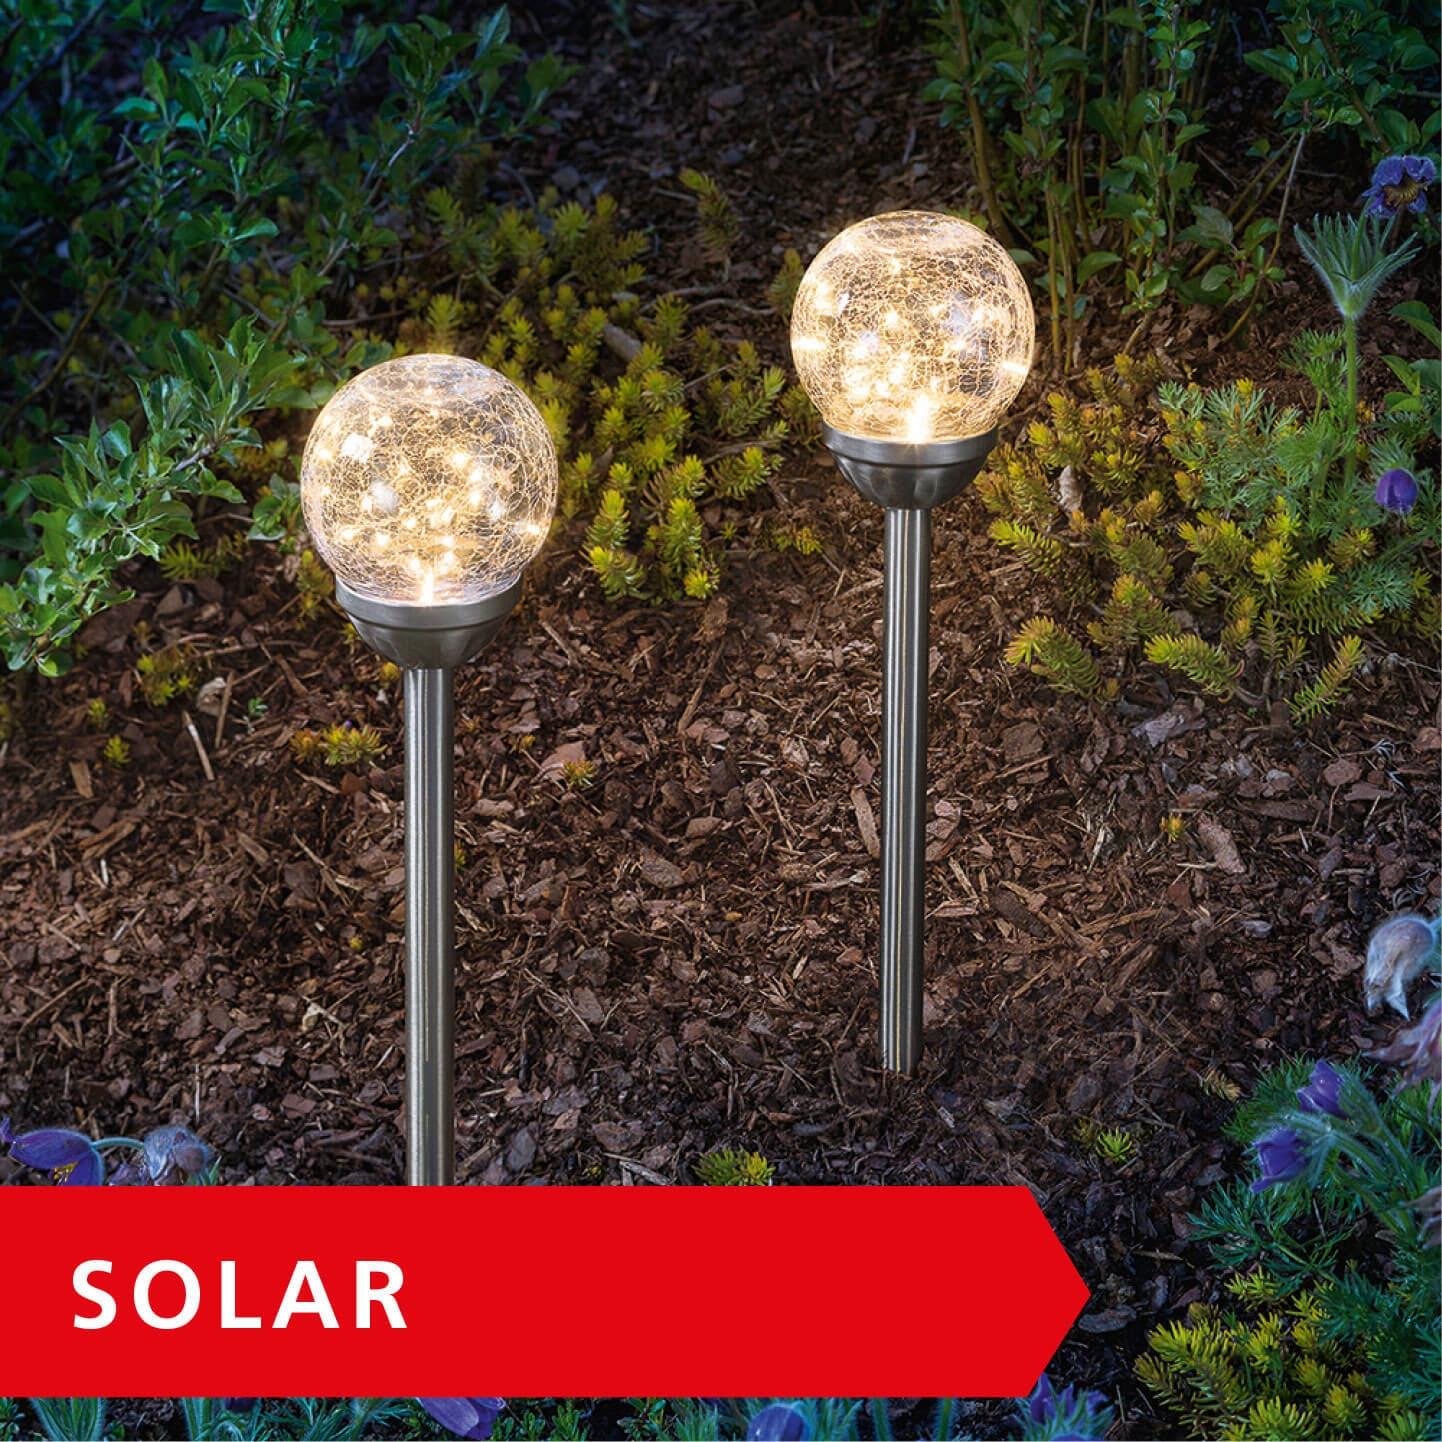 Solarbeleuchtung setzt in jedem Garten Akzente